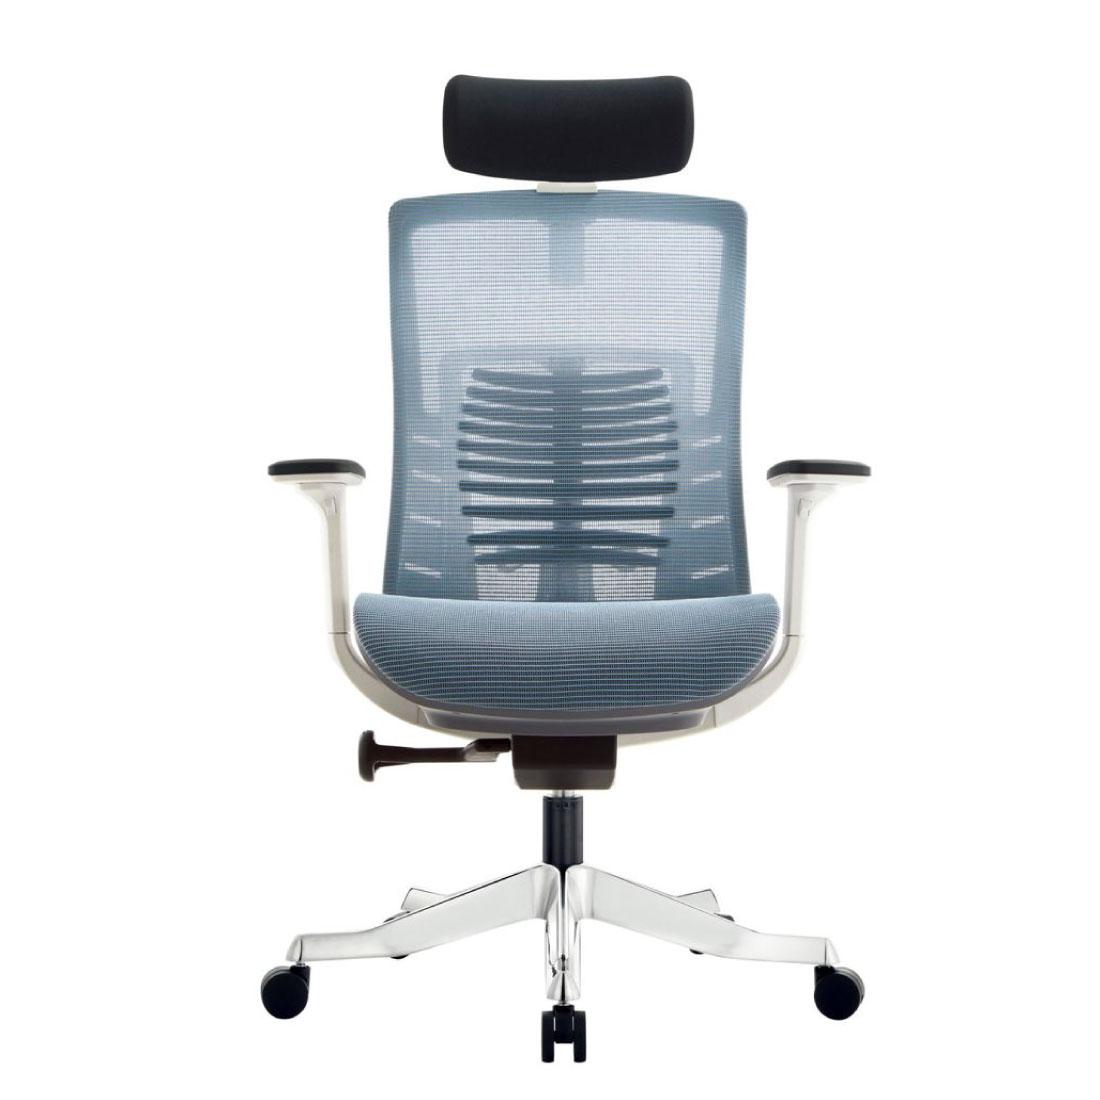 Inspire revolving chair